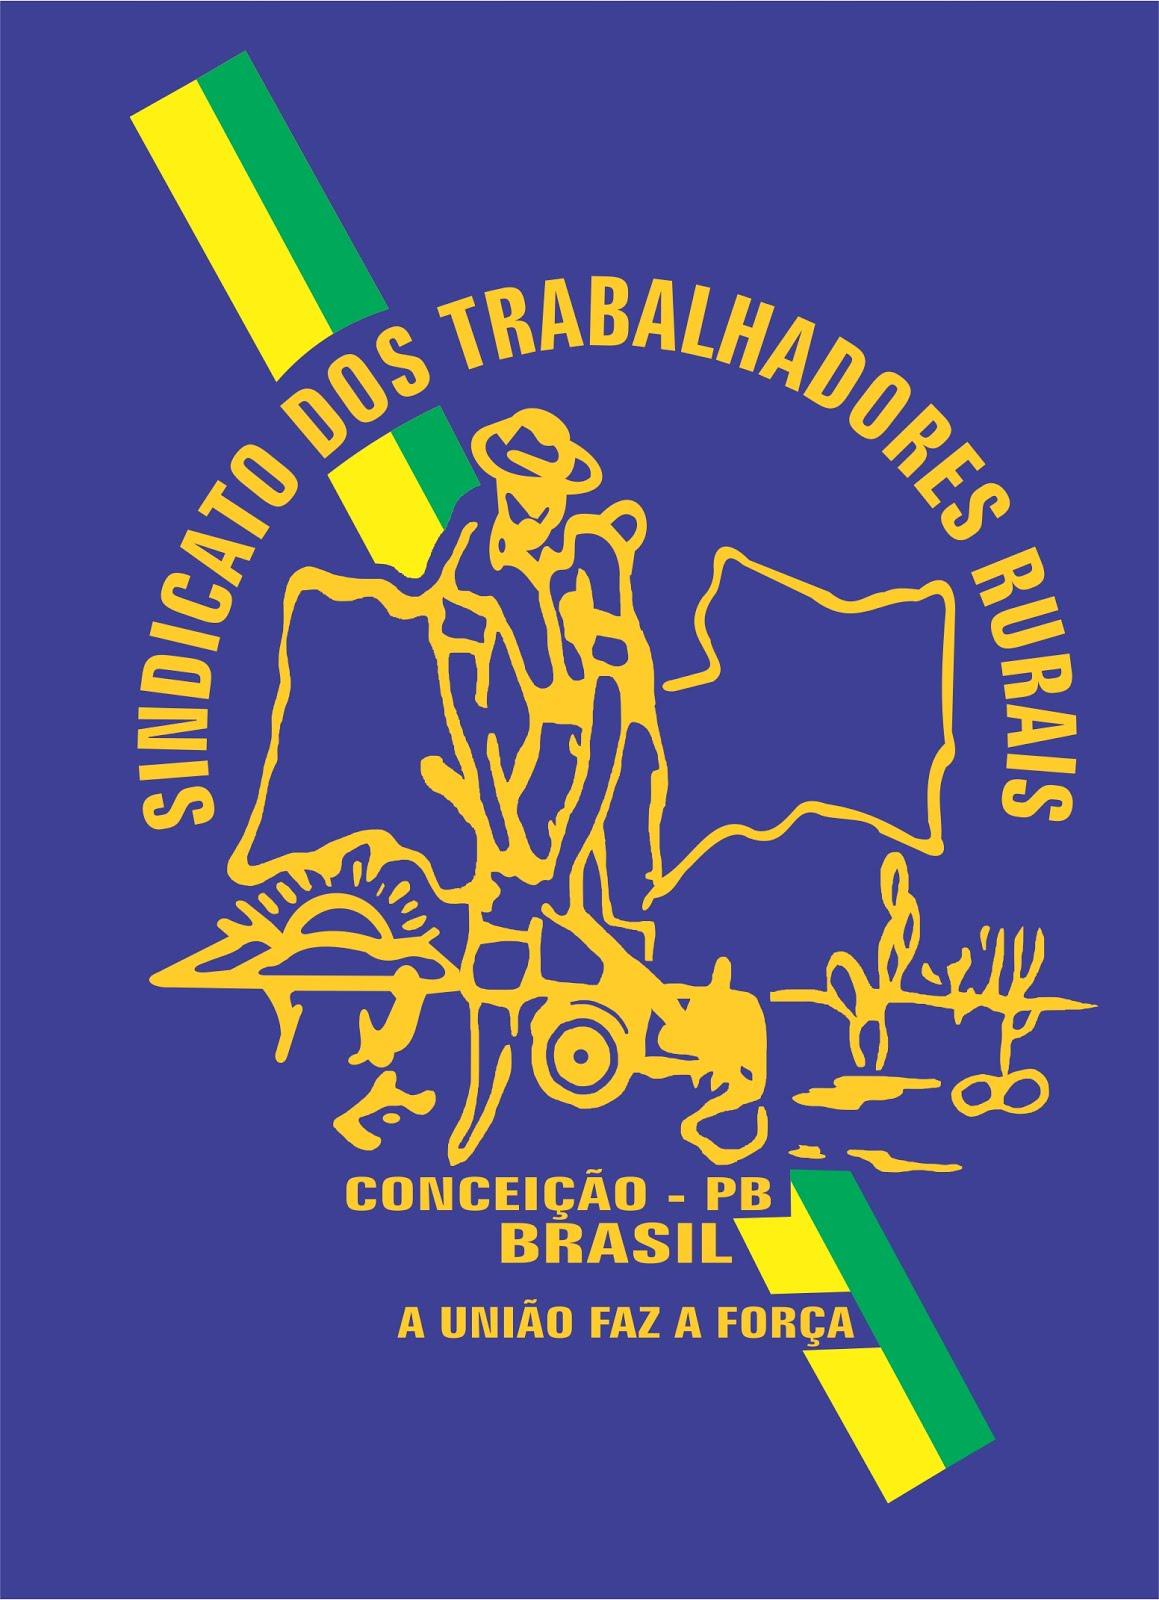 SINDICATO DOS TRABALHADORES RURAIS DE CONCEIÇÃO PB